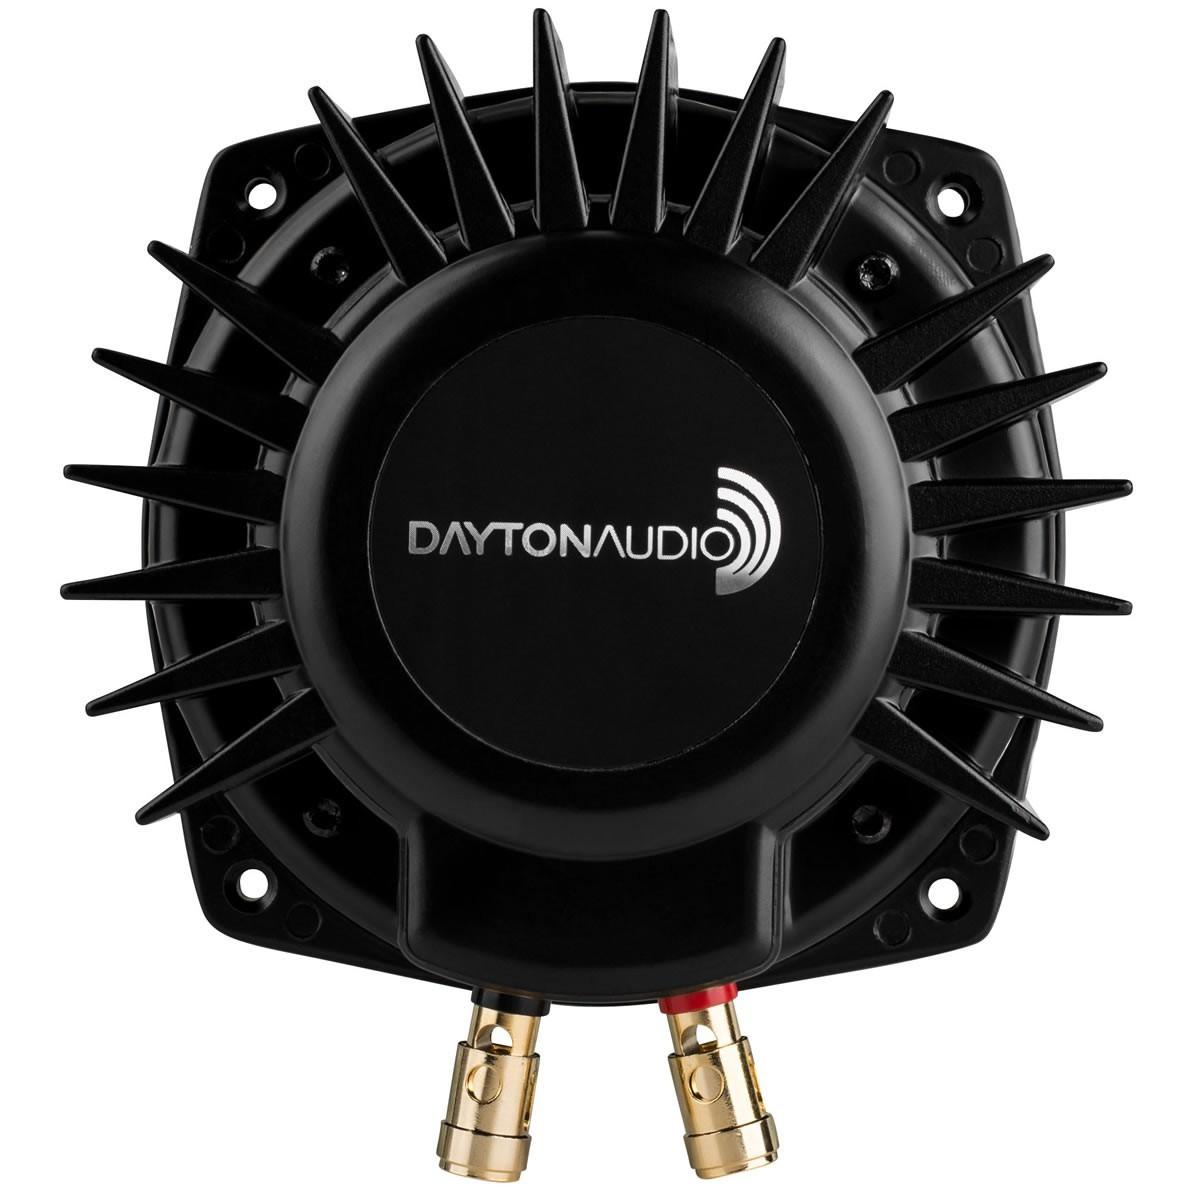 DAYTON AUDIO BST-1 Haut-Parleur Vibreur Exciter de Grave 50W 4 Ohm 10Hz - 80Hz